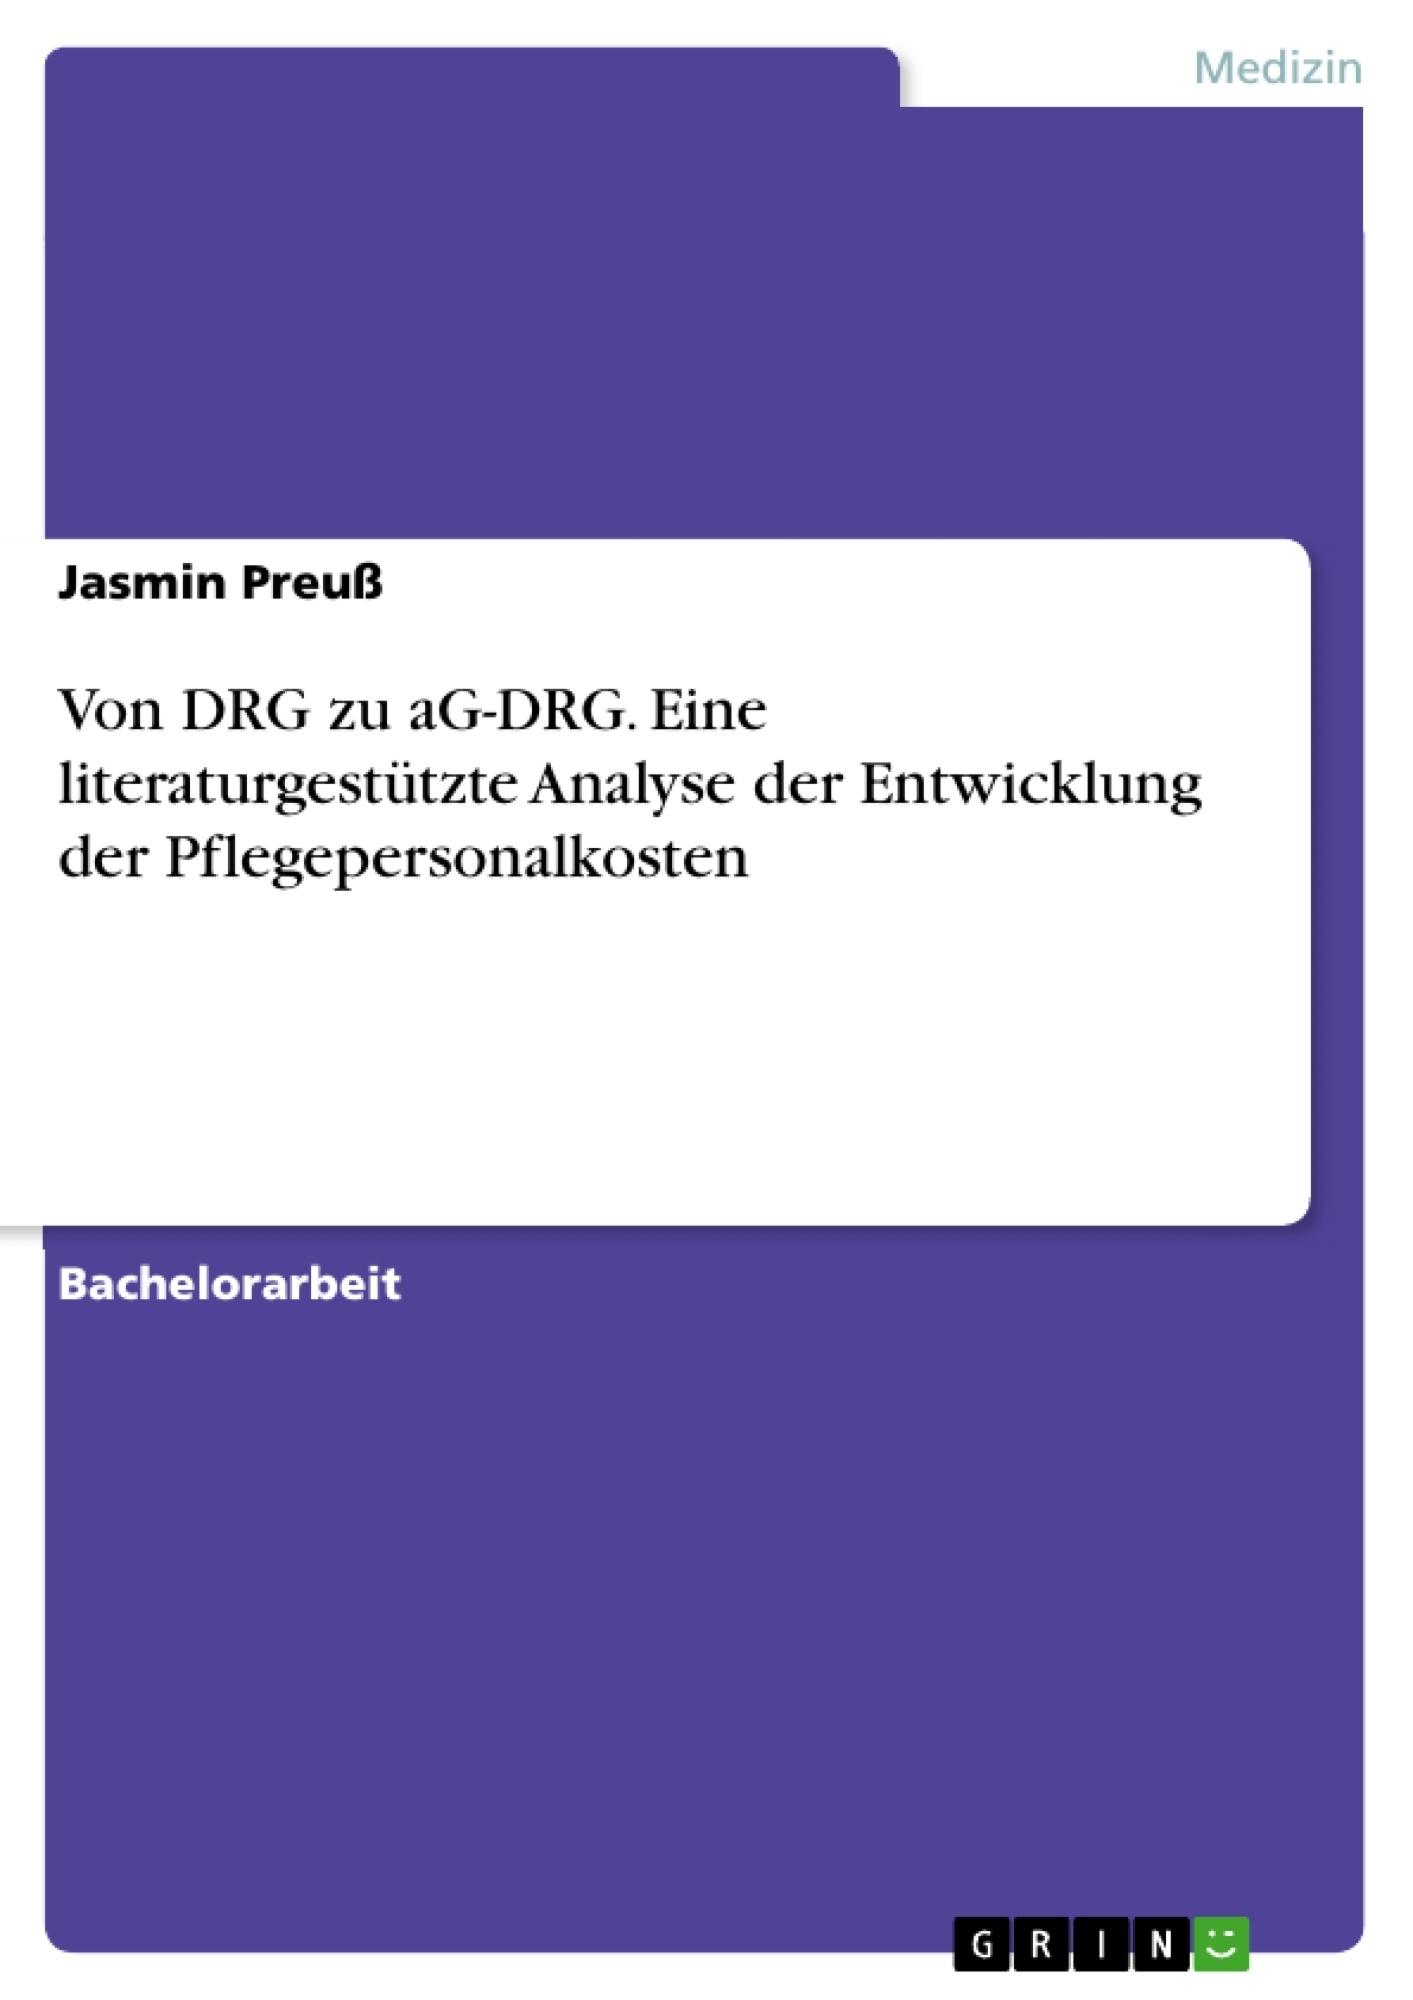 Titel: Von DRG zu aG-DRG. Eine literaturgestützte Analyse der Entwicklung der Pflegepersonalkosten